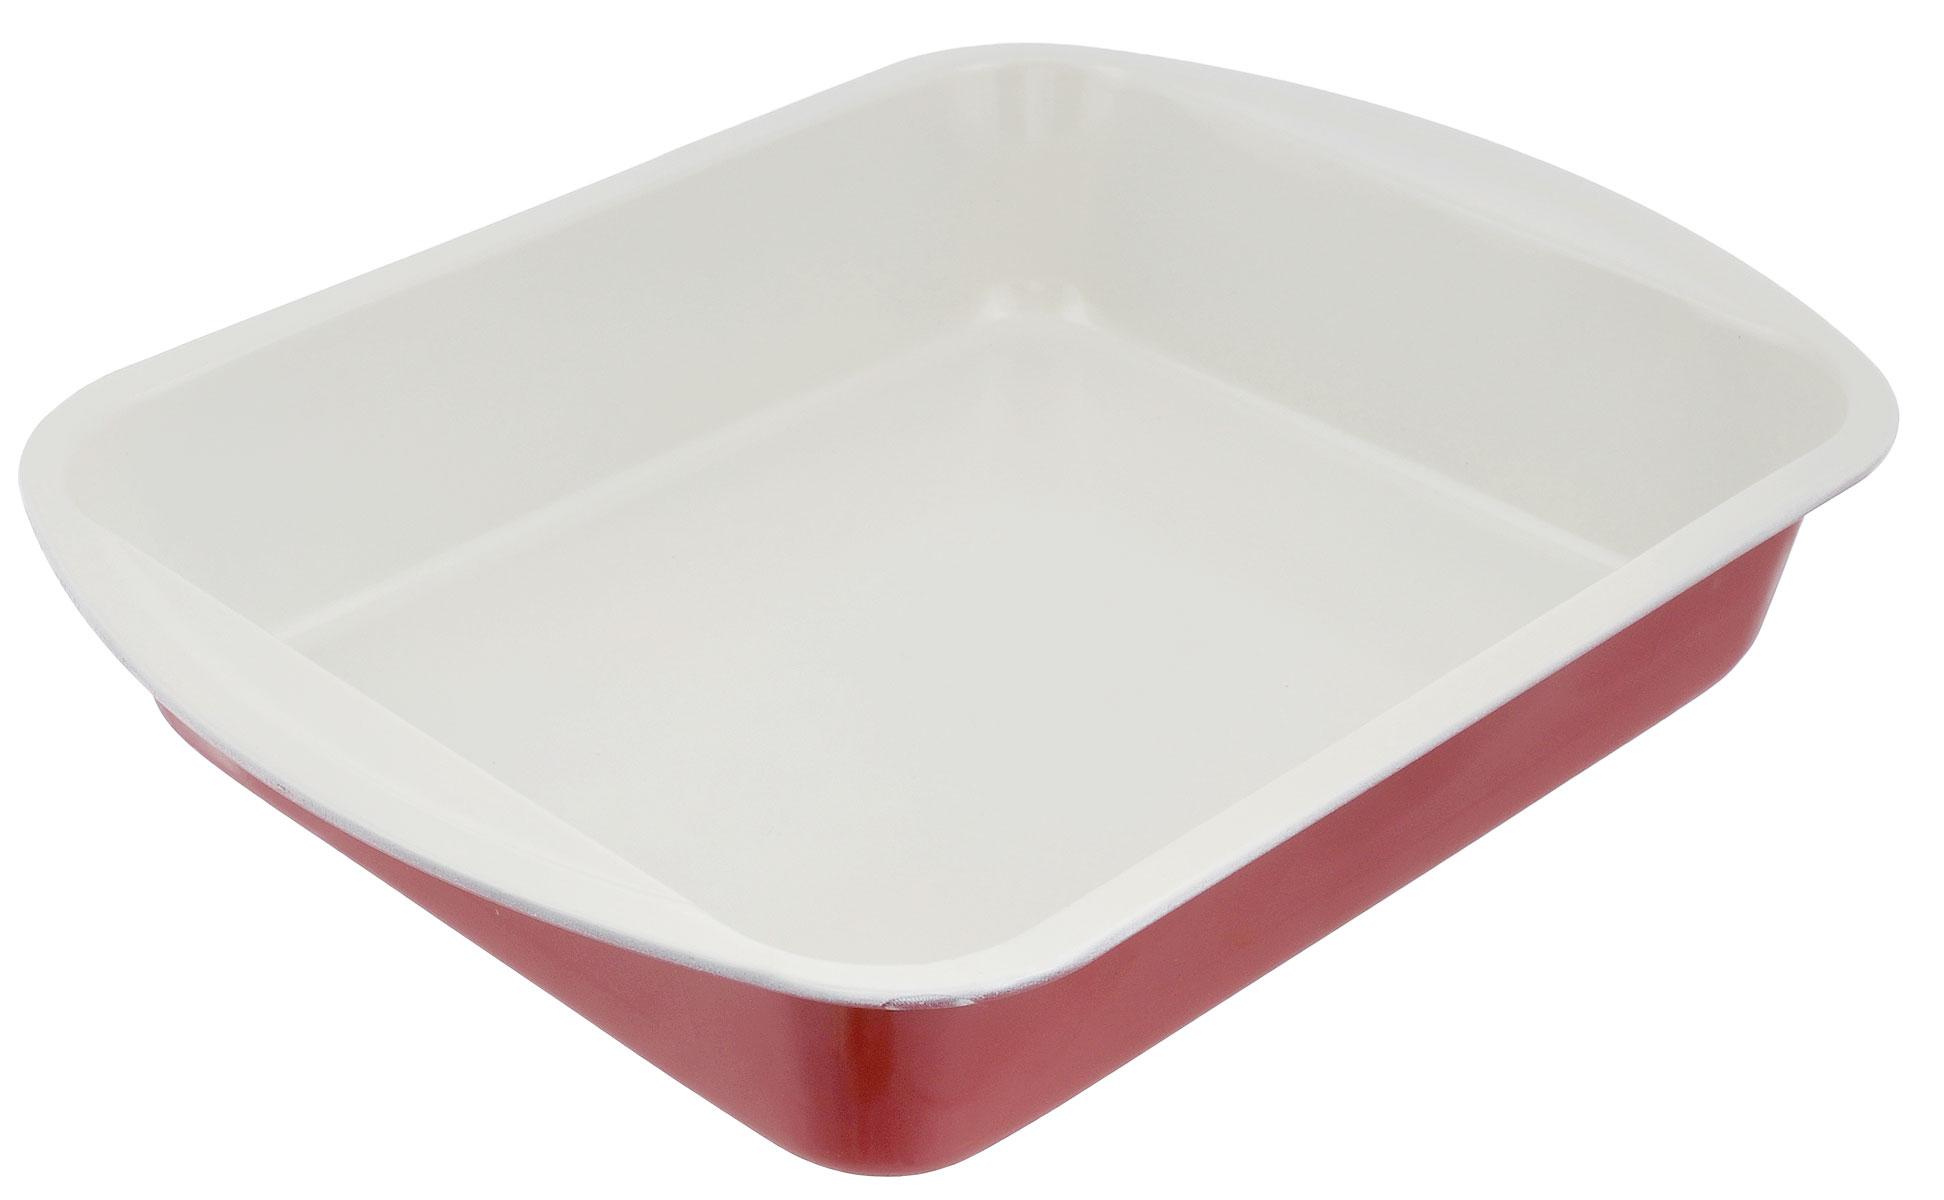 Противень Mayer & Boch, с керамическим покрытием, прямоугольный, цвет: красный, 34 х 24 х 5,3 см22249Противень Mayer & Boch выполнен извысококачественной углеродистой стали иснабжен антипригарным керамическимпокрытием, что обеспечивает ему прочность идолговечность. Противень равномерно и быстропрогревается, что способствует лучшемупропеканию пищи. Его легко чистить. Готоваявыпечка без труда извлекается. Противеньподходит для использования в духовке смаксимальной температурой 250°С. Передкаждым использованием противень необходимосмазать небольшим количеством масла.Простой в уходе и долговечный в использованиипротивень Mayer & Boch станет вернымпомощником в создании ваших кулинарныхшедевров.Не рекомендуется мыть в посудомоечноймашине. Размер противня: 34 см х 24 см х 5,3 см.Толщина стенки противня: 0,5 мм. Высота стенки: 5,3 см.